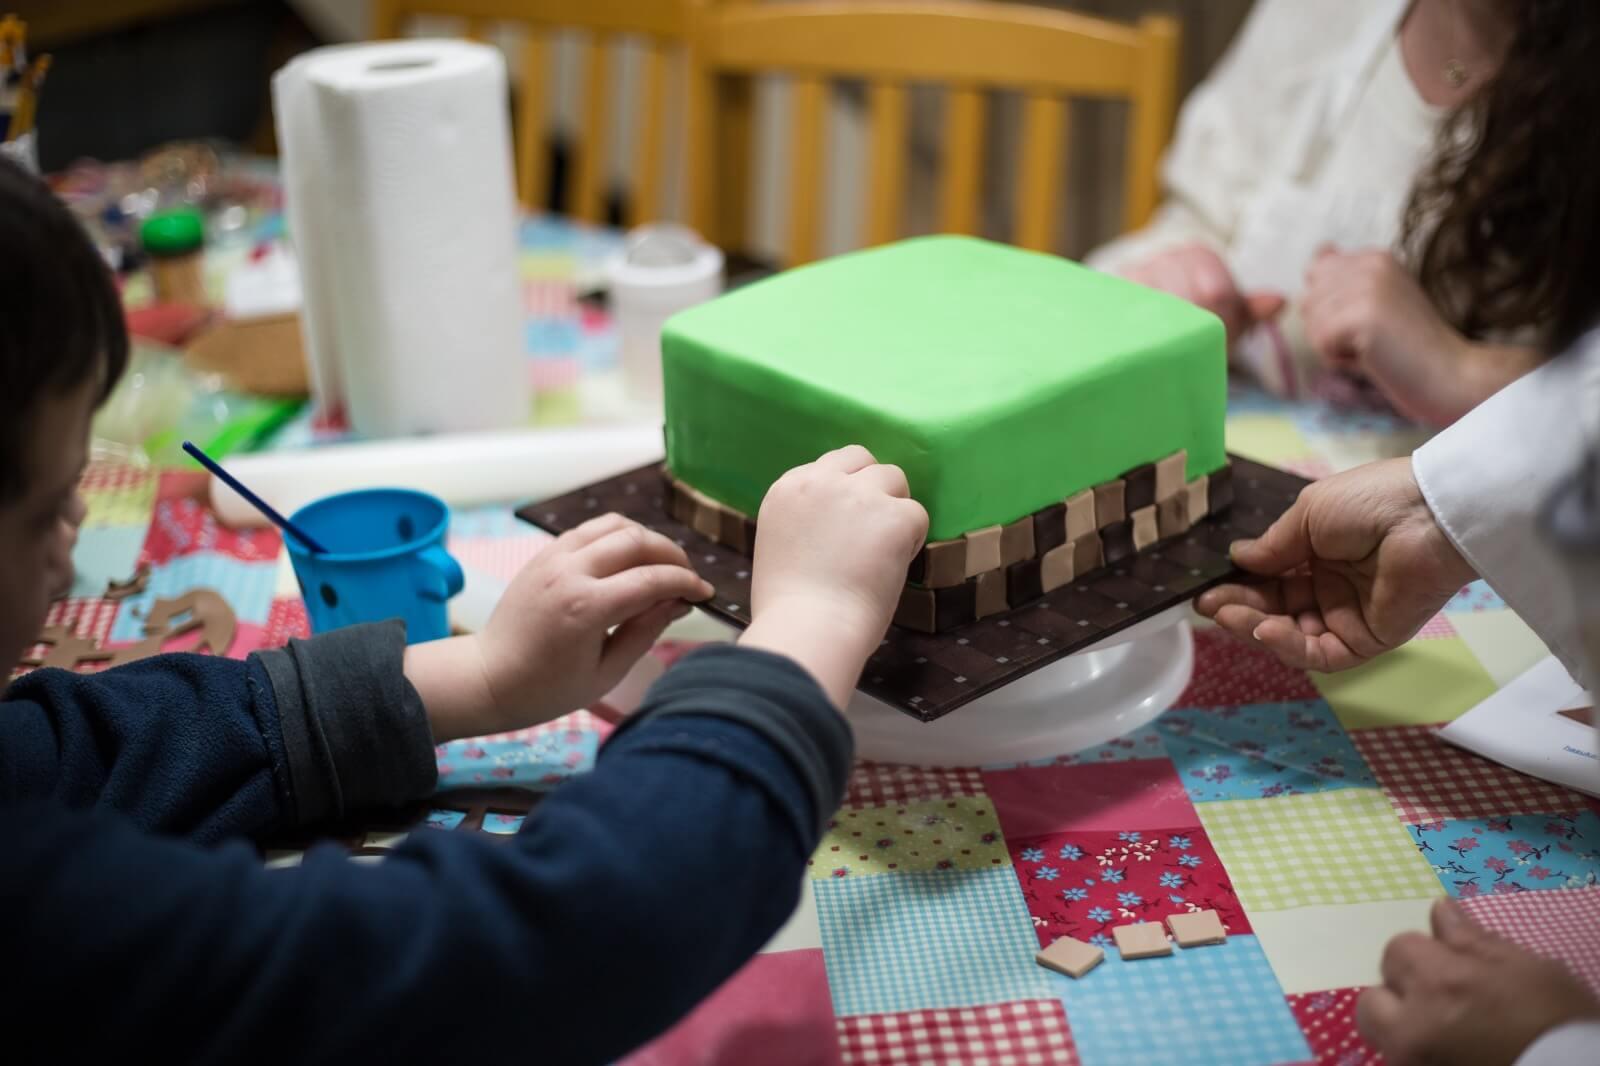 סדנאות לילדים: עיצוב בבצק סוכר, עוגה מיינקראפט - דורית יחיאל